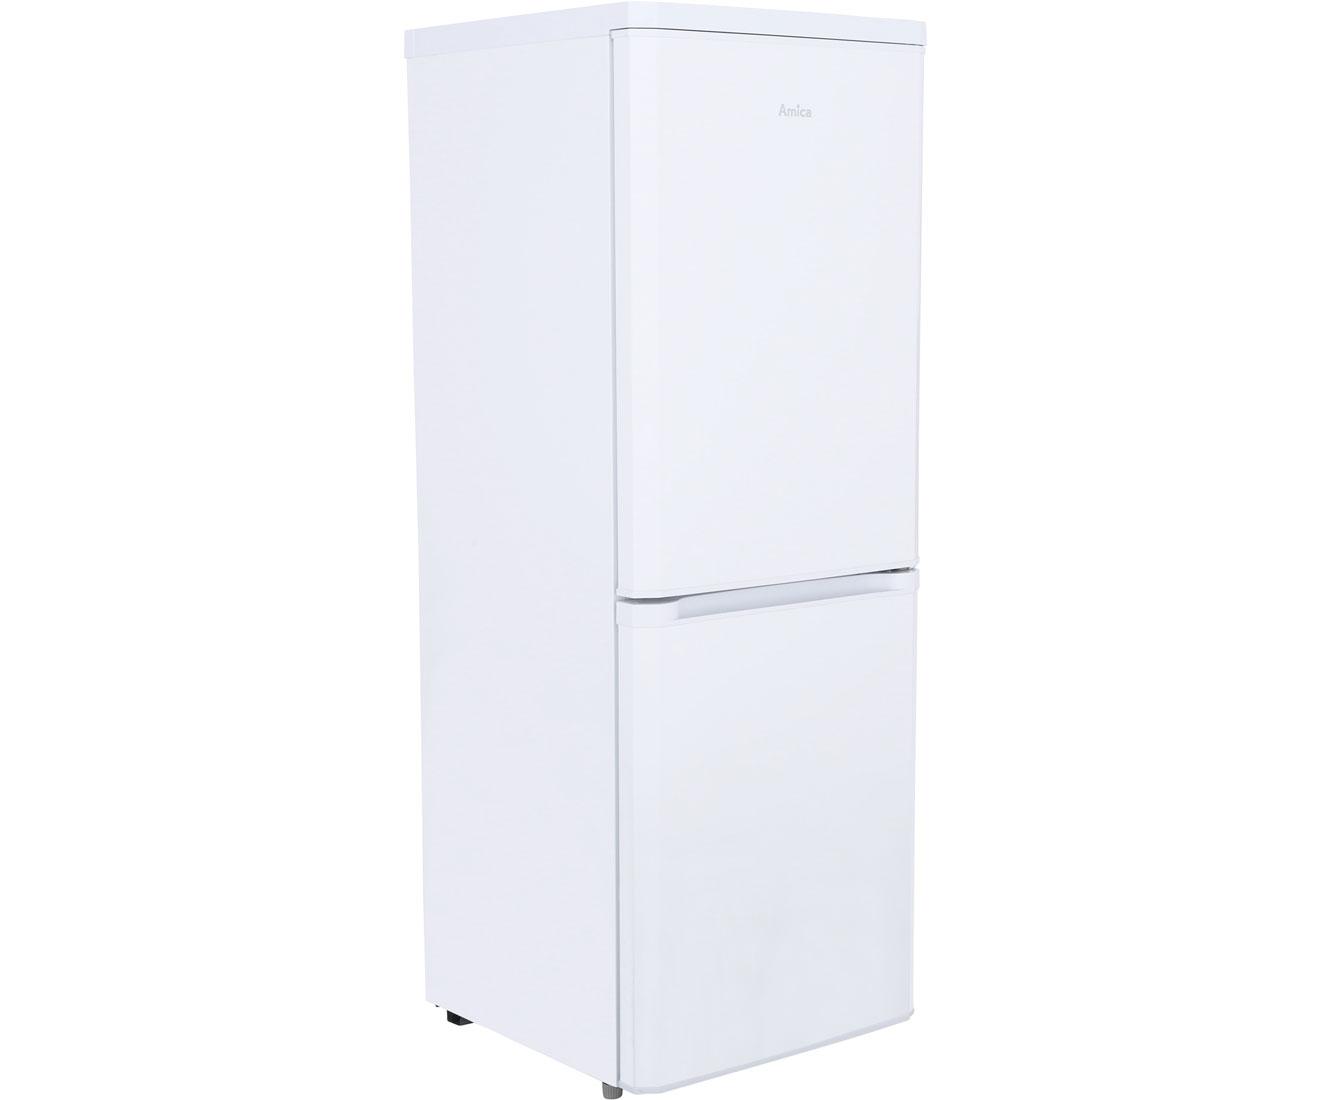 Bomann Kühlschrank Vs 2195 : Bomann vs energieeffiziente kühlschränke auf smartricity